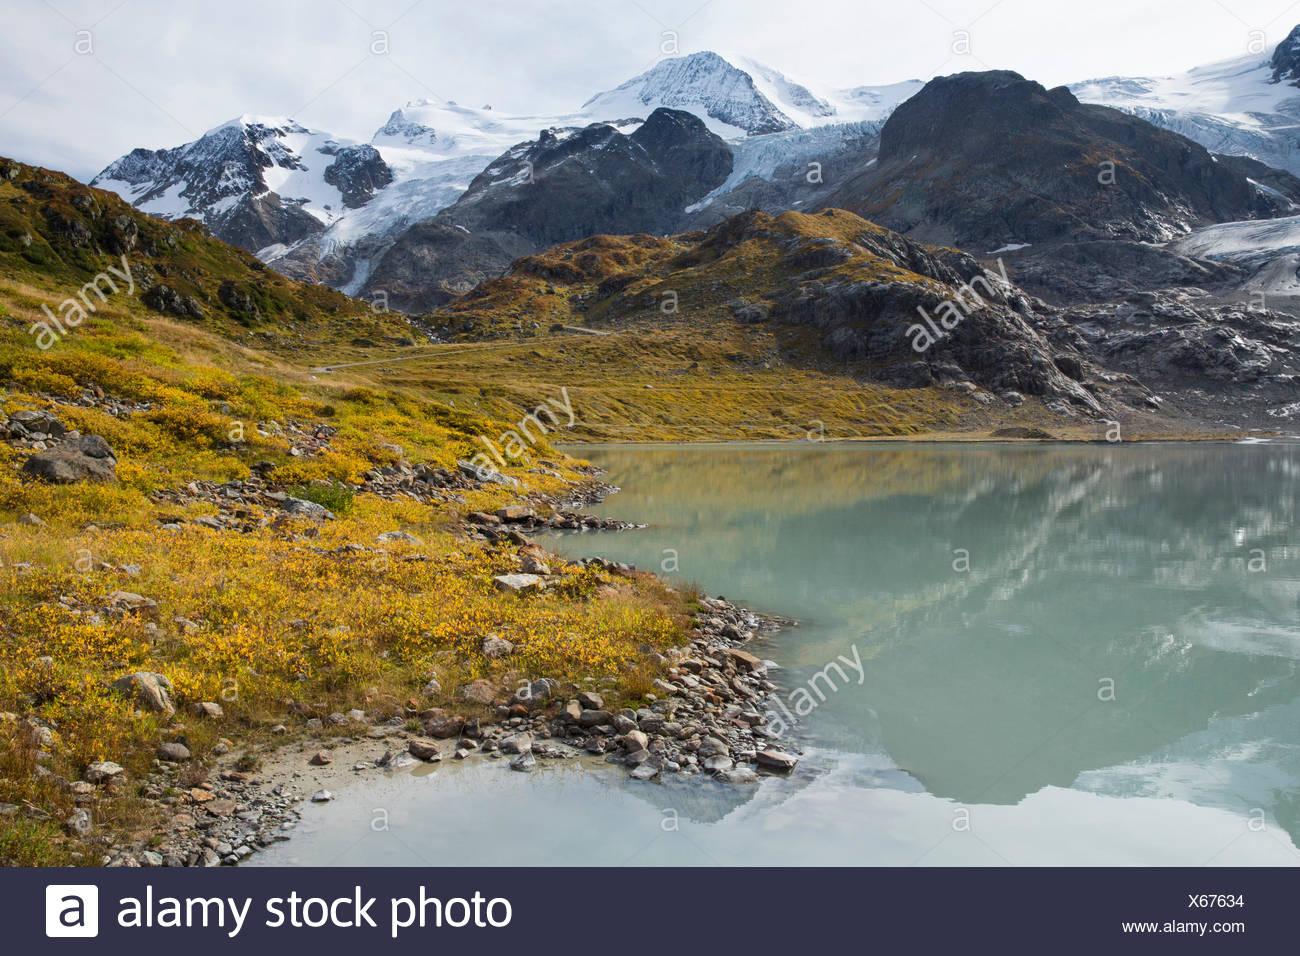 See-Stein, Steinsee, Gwächtenhorn, Tierberg, Sustenpass, Wolken, Wolke, Berg, Berge, Bergsee, Gletscher, Eis, mora Stockbild